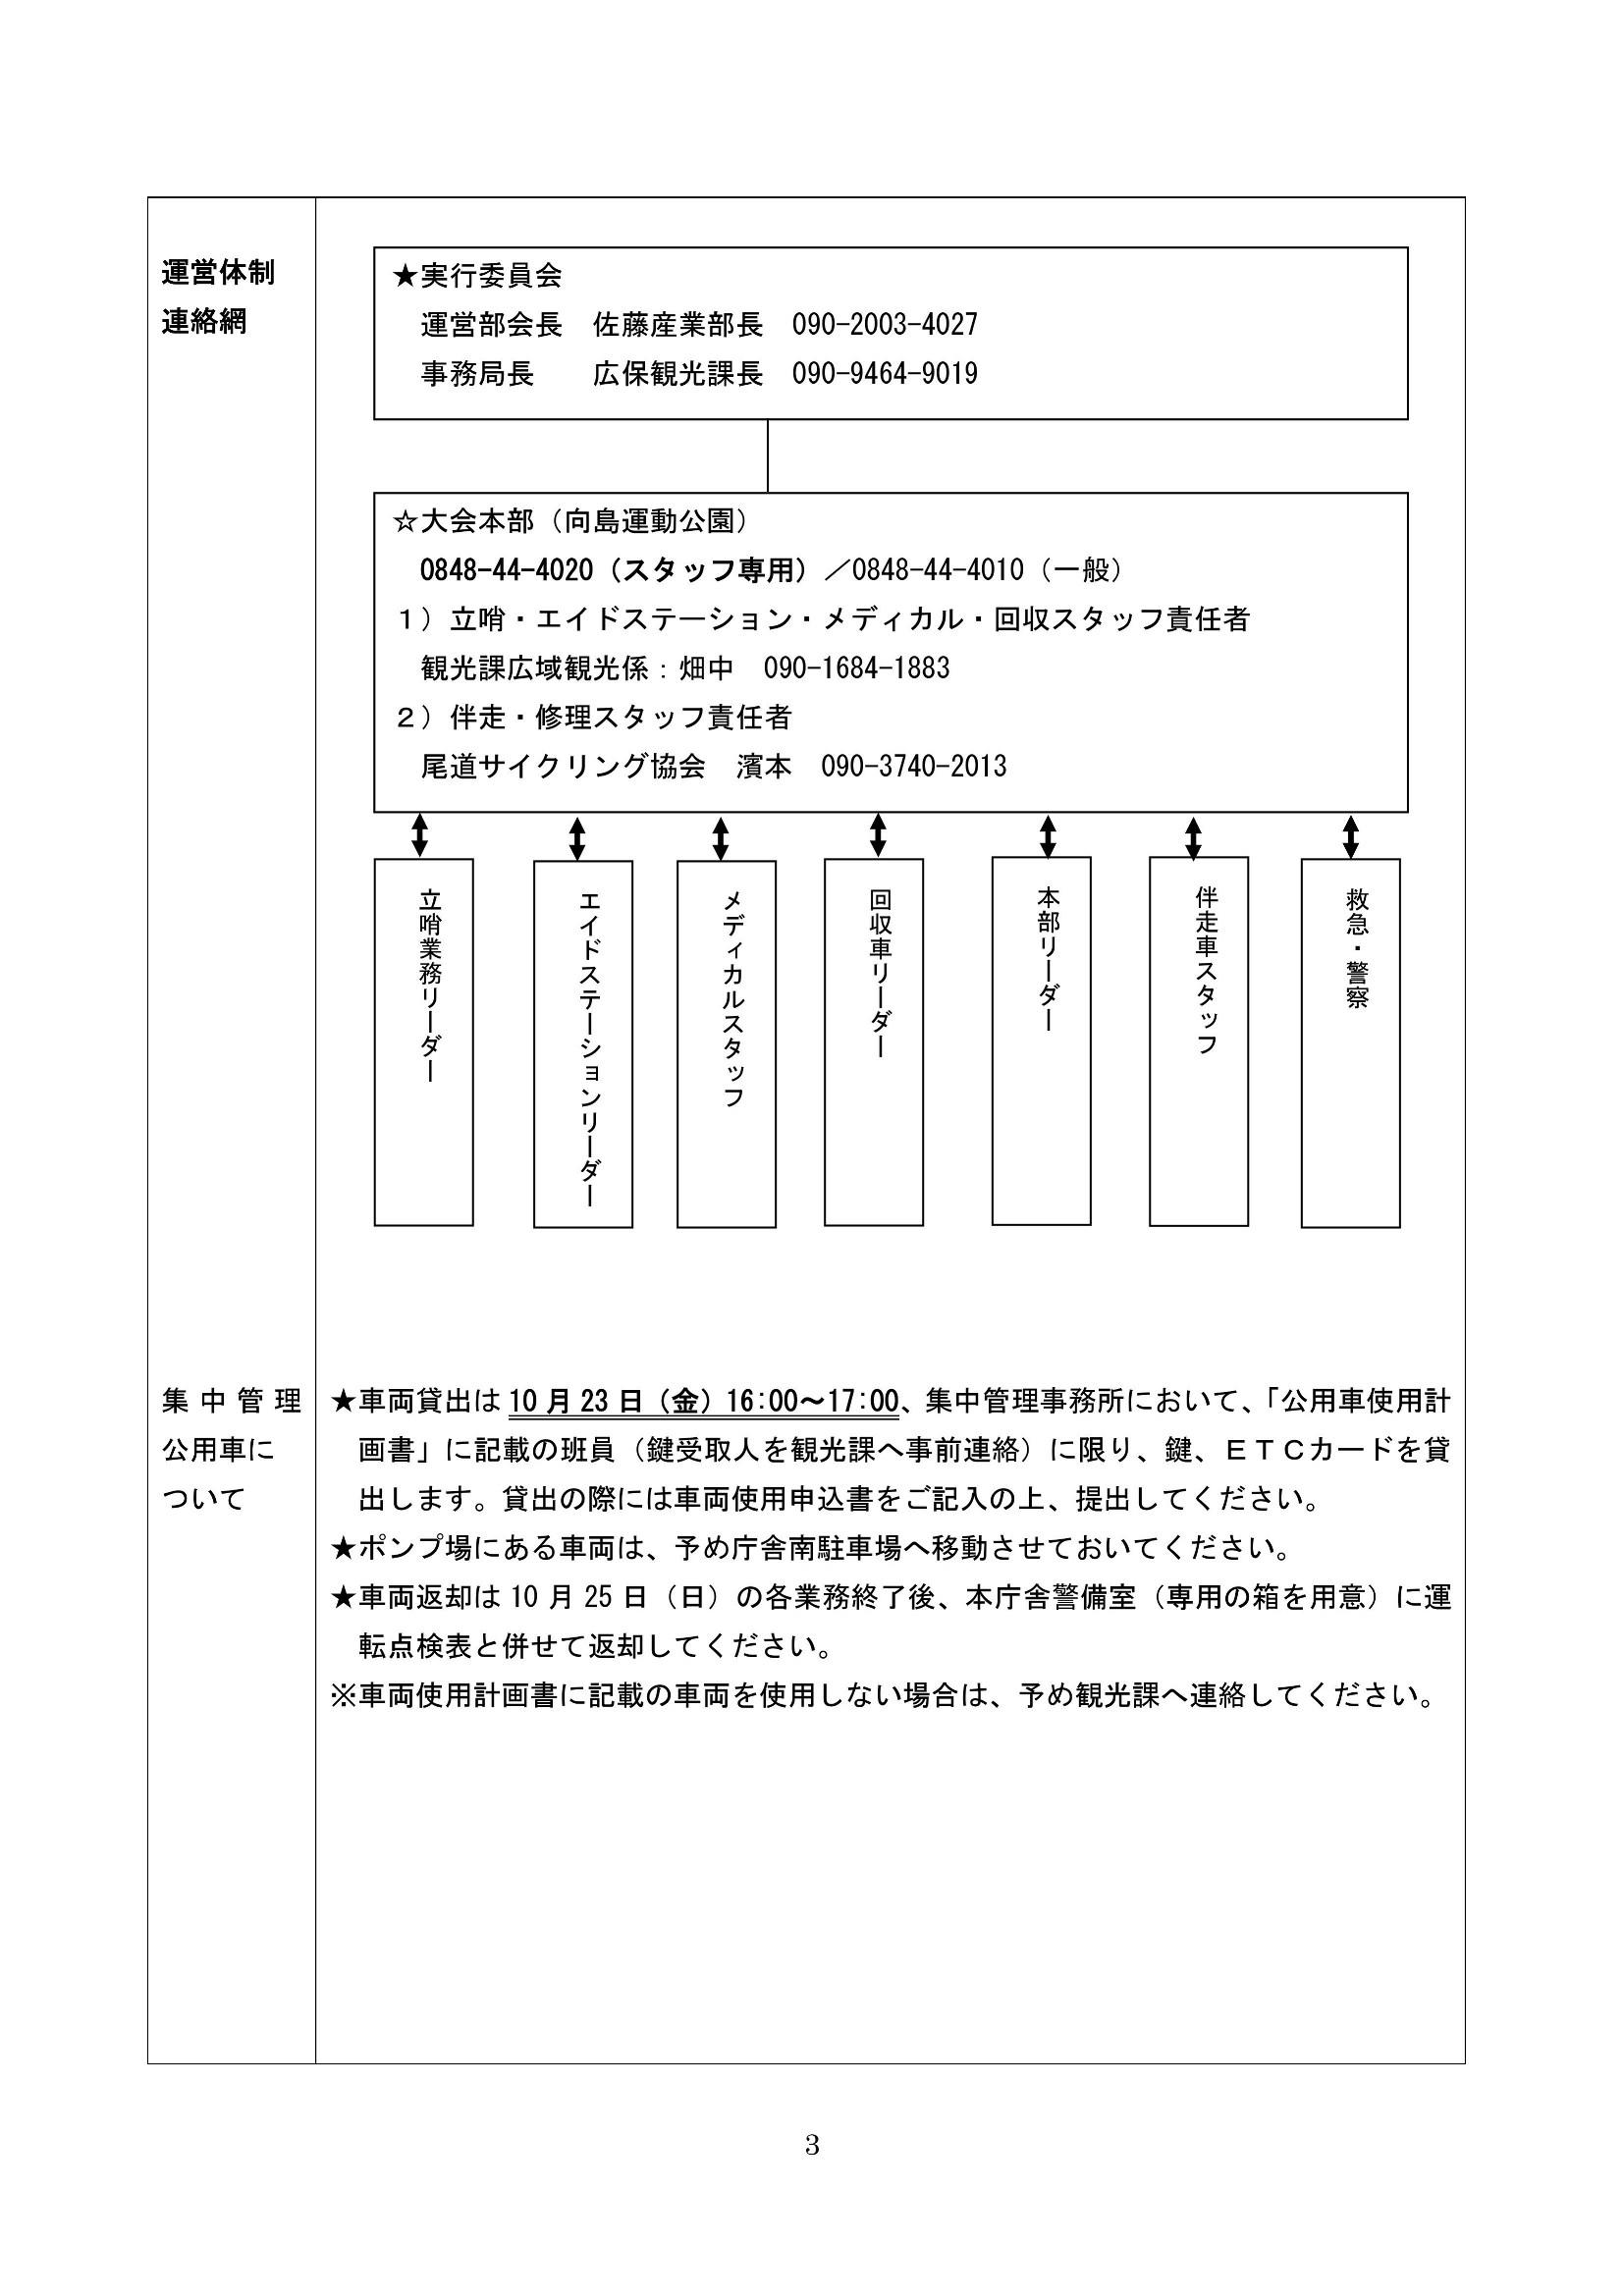 スタッフ共通マニュアル_03